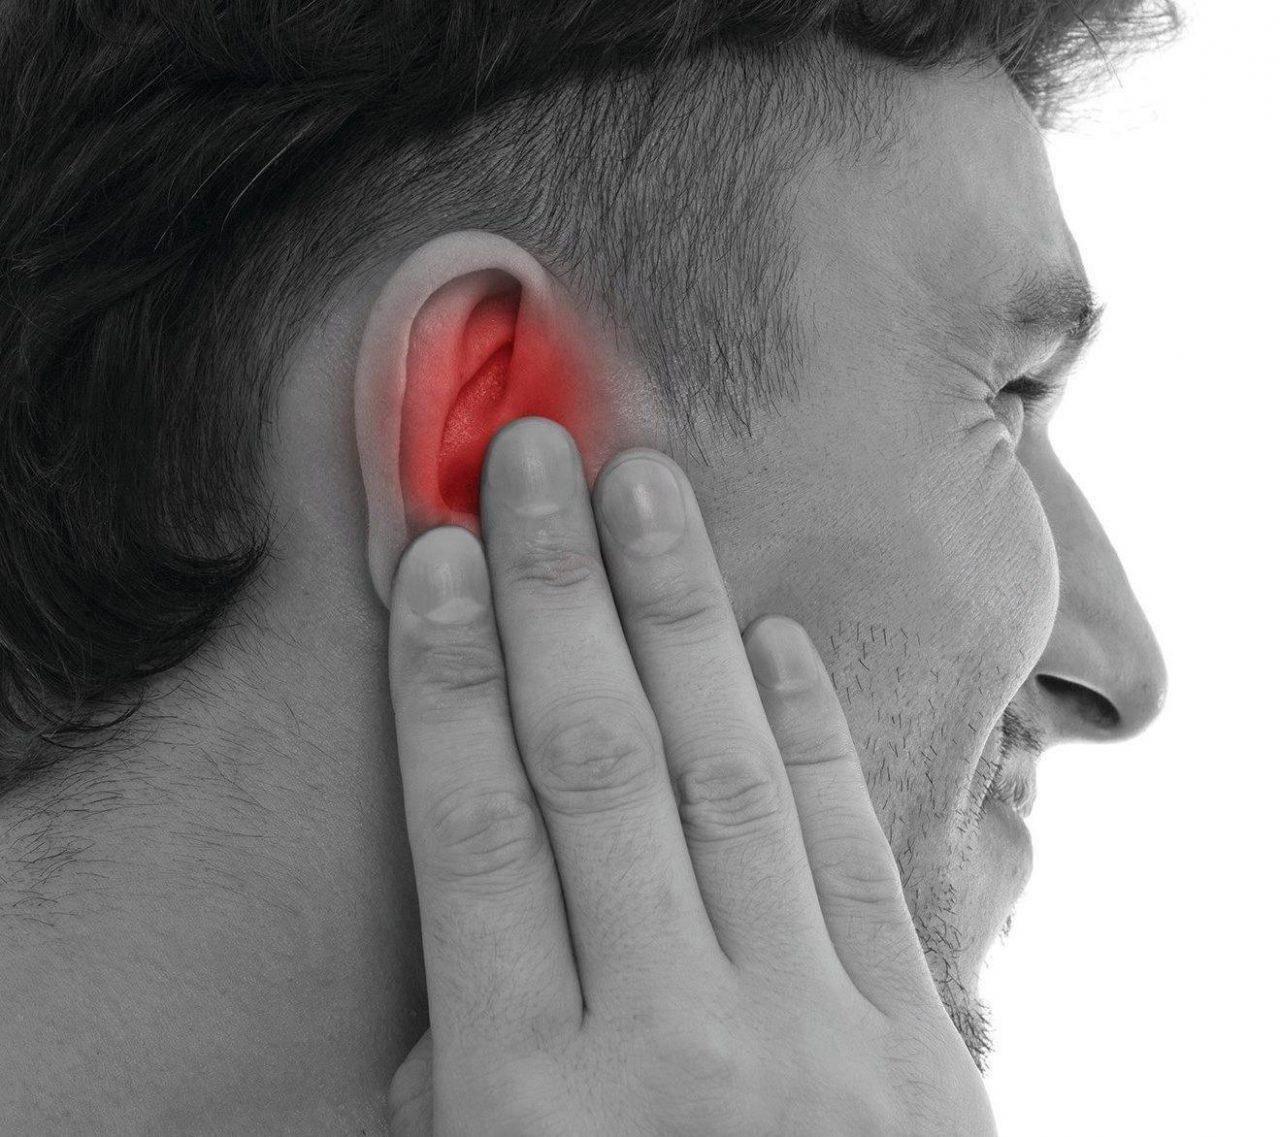 После удара болит ухо и не слышит